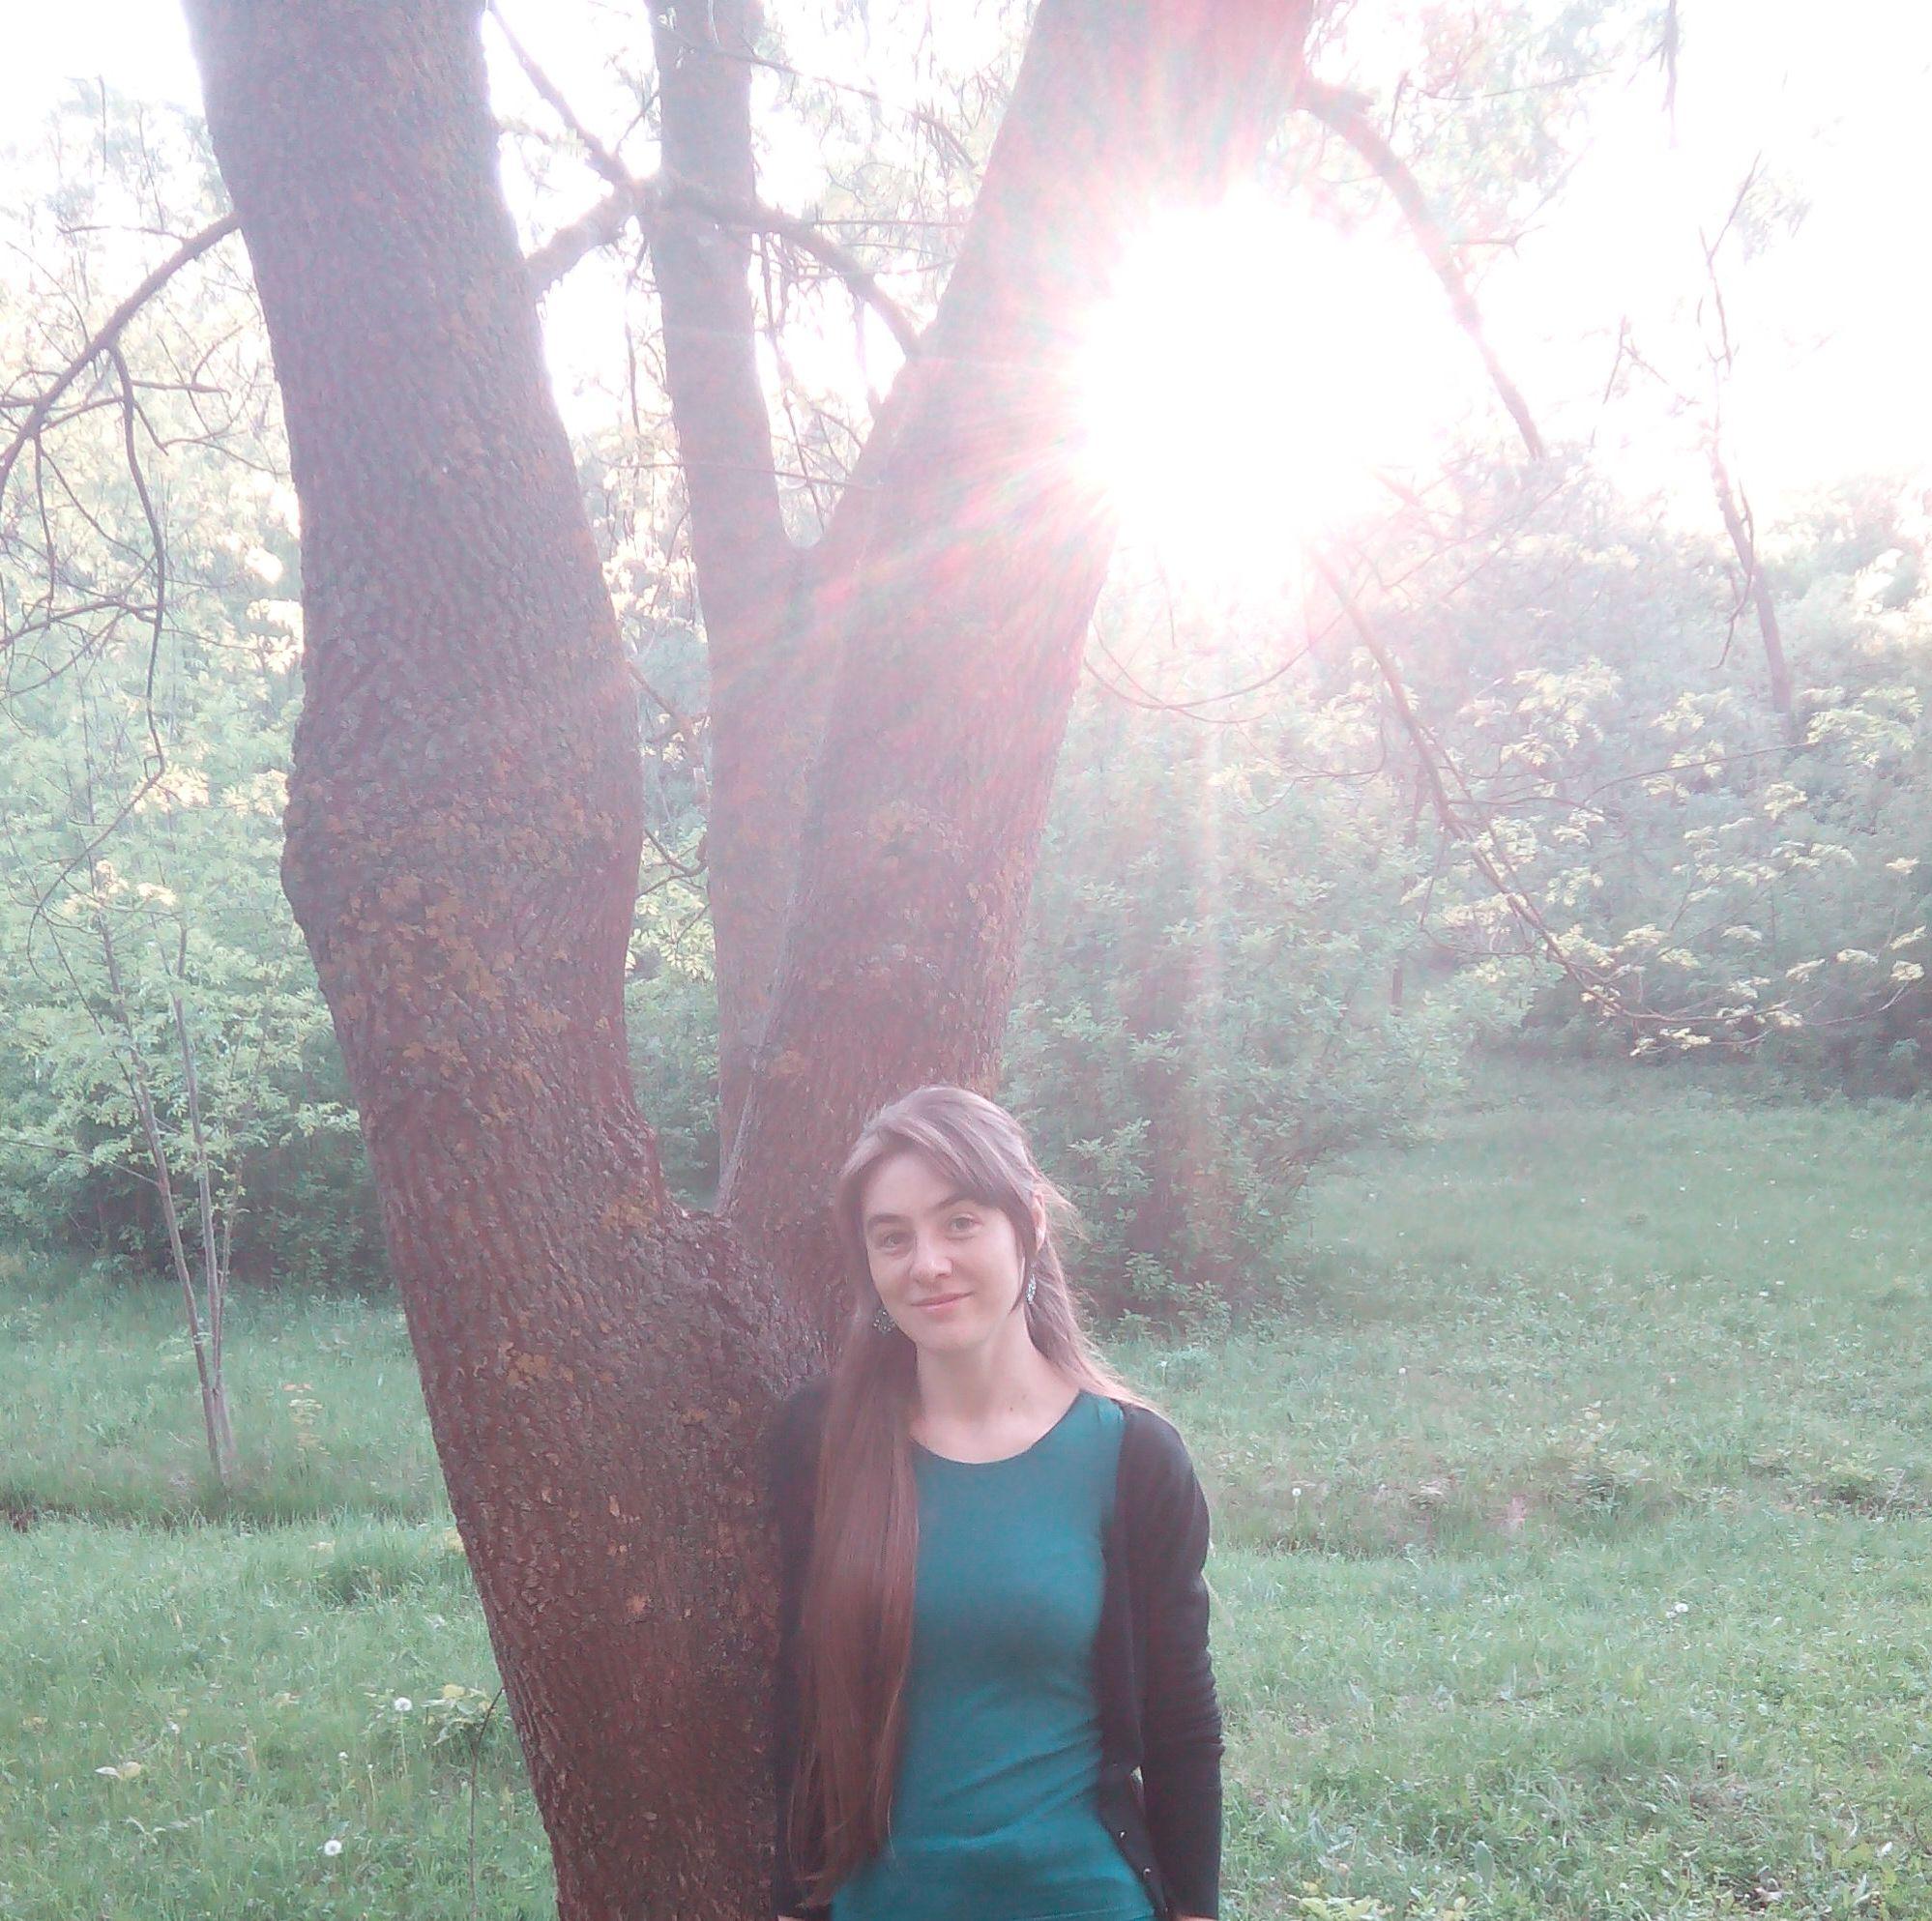 Ioana Zanceanu